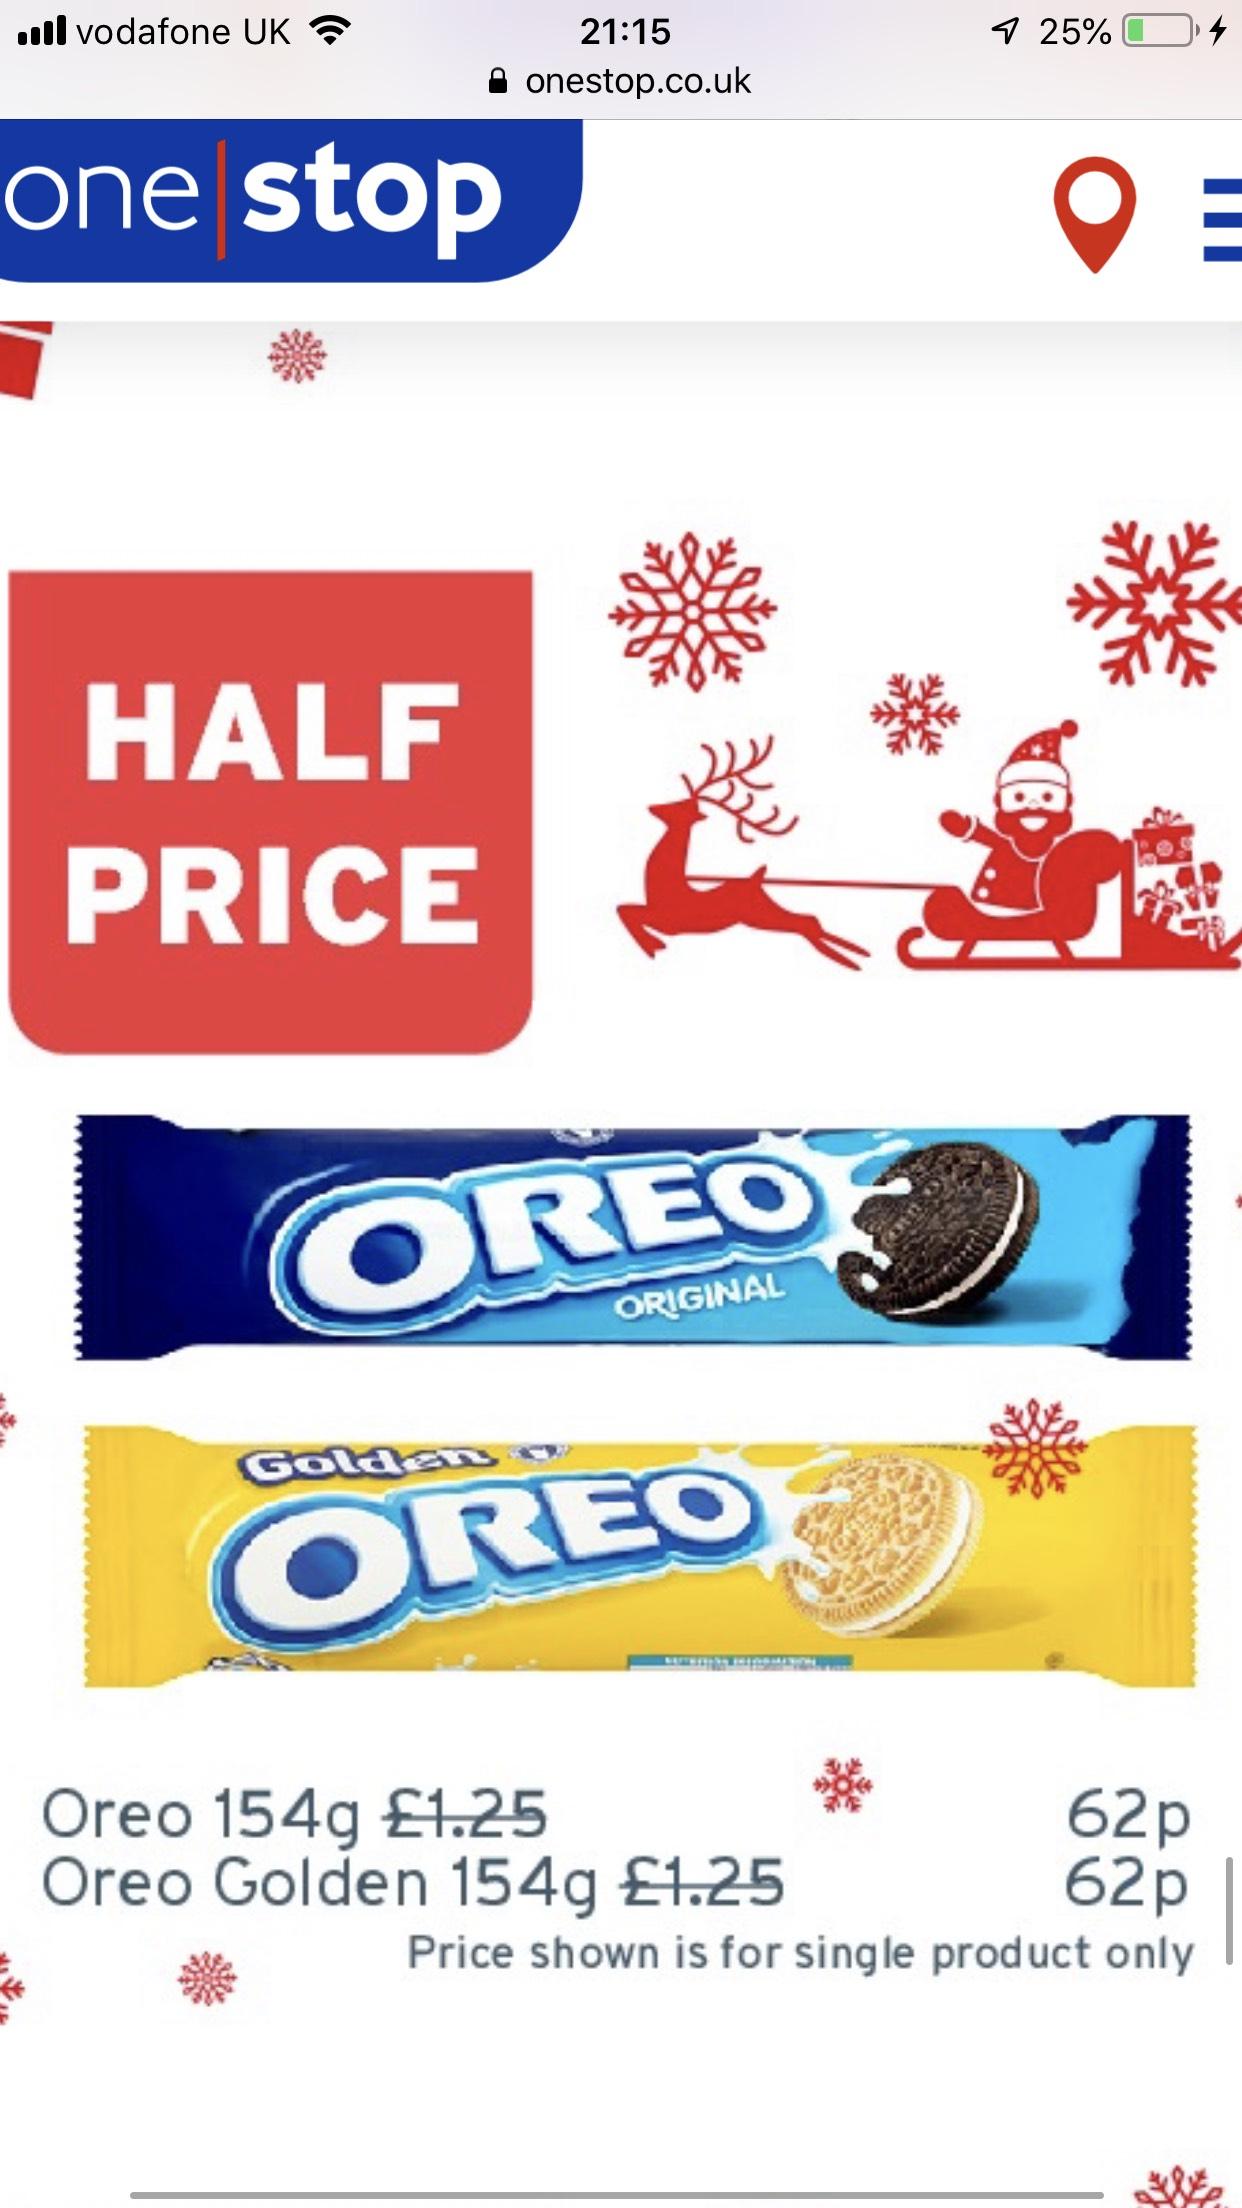 Half price Oreo - 62p @ One Stop